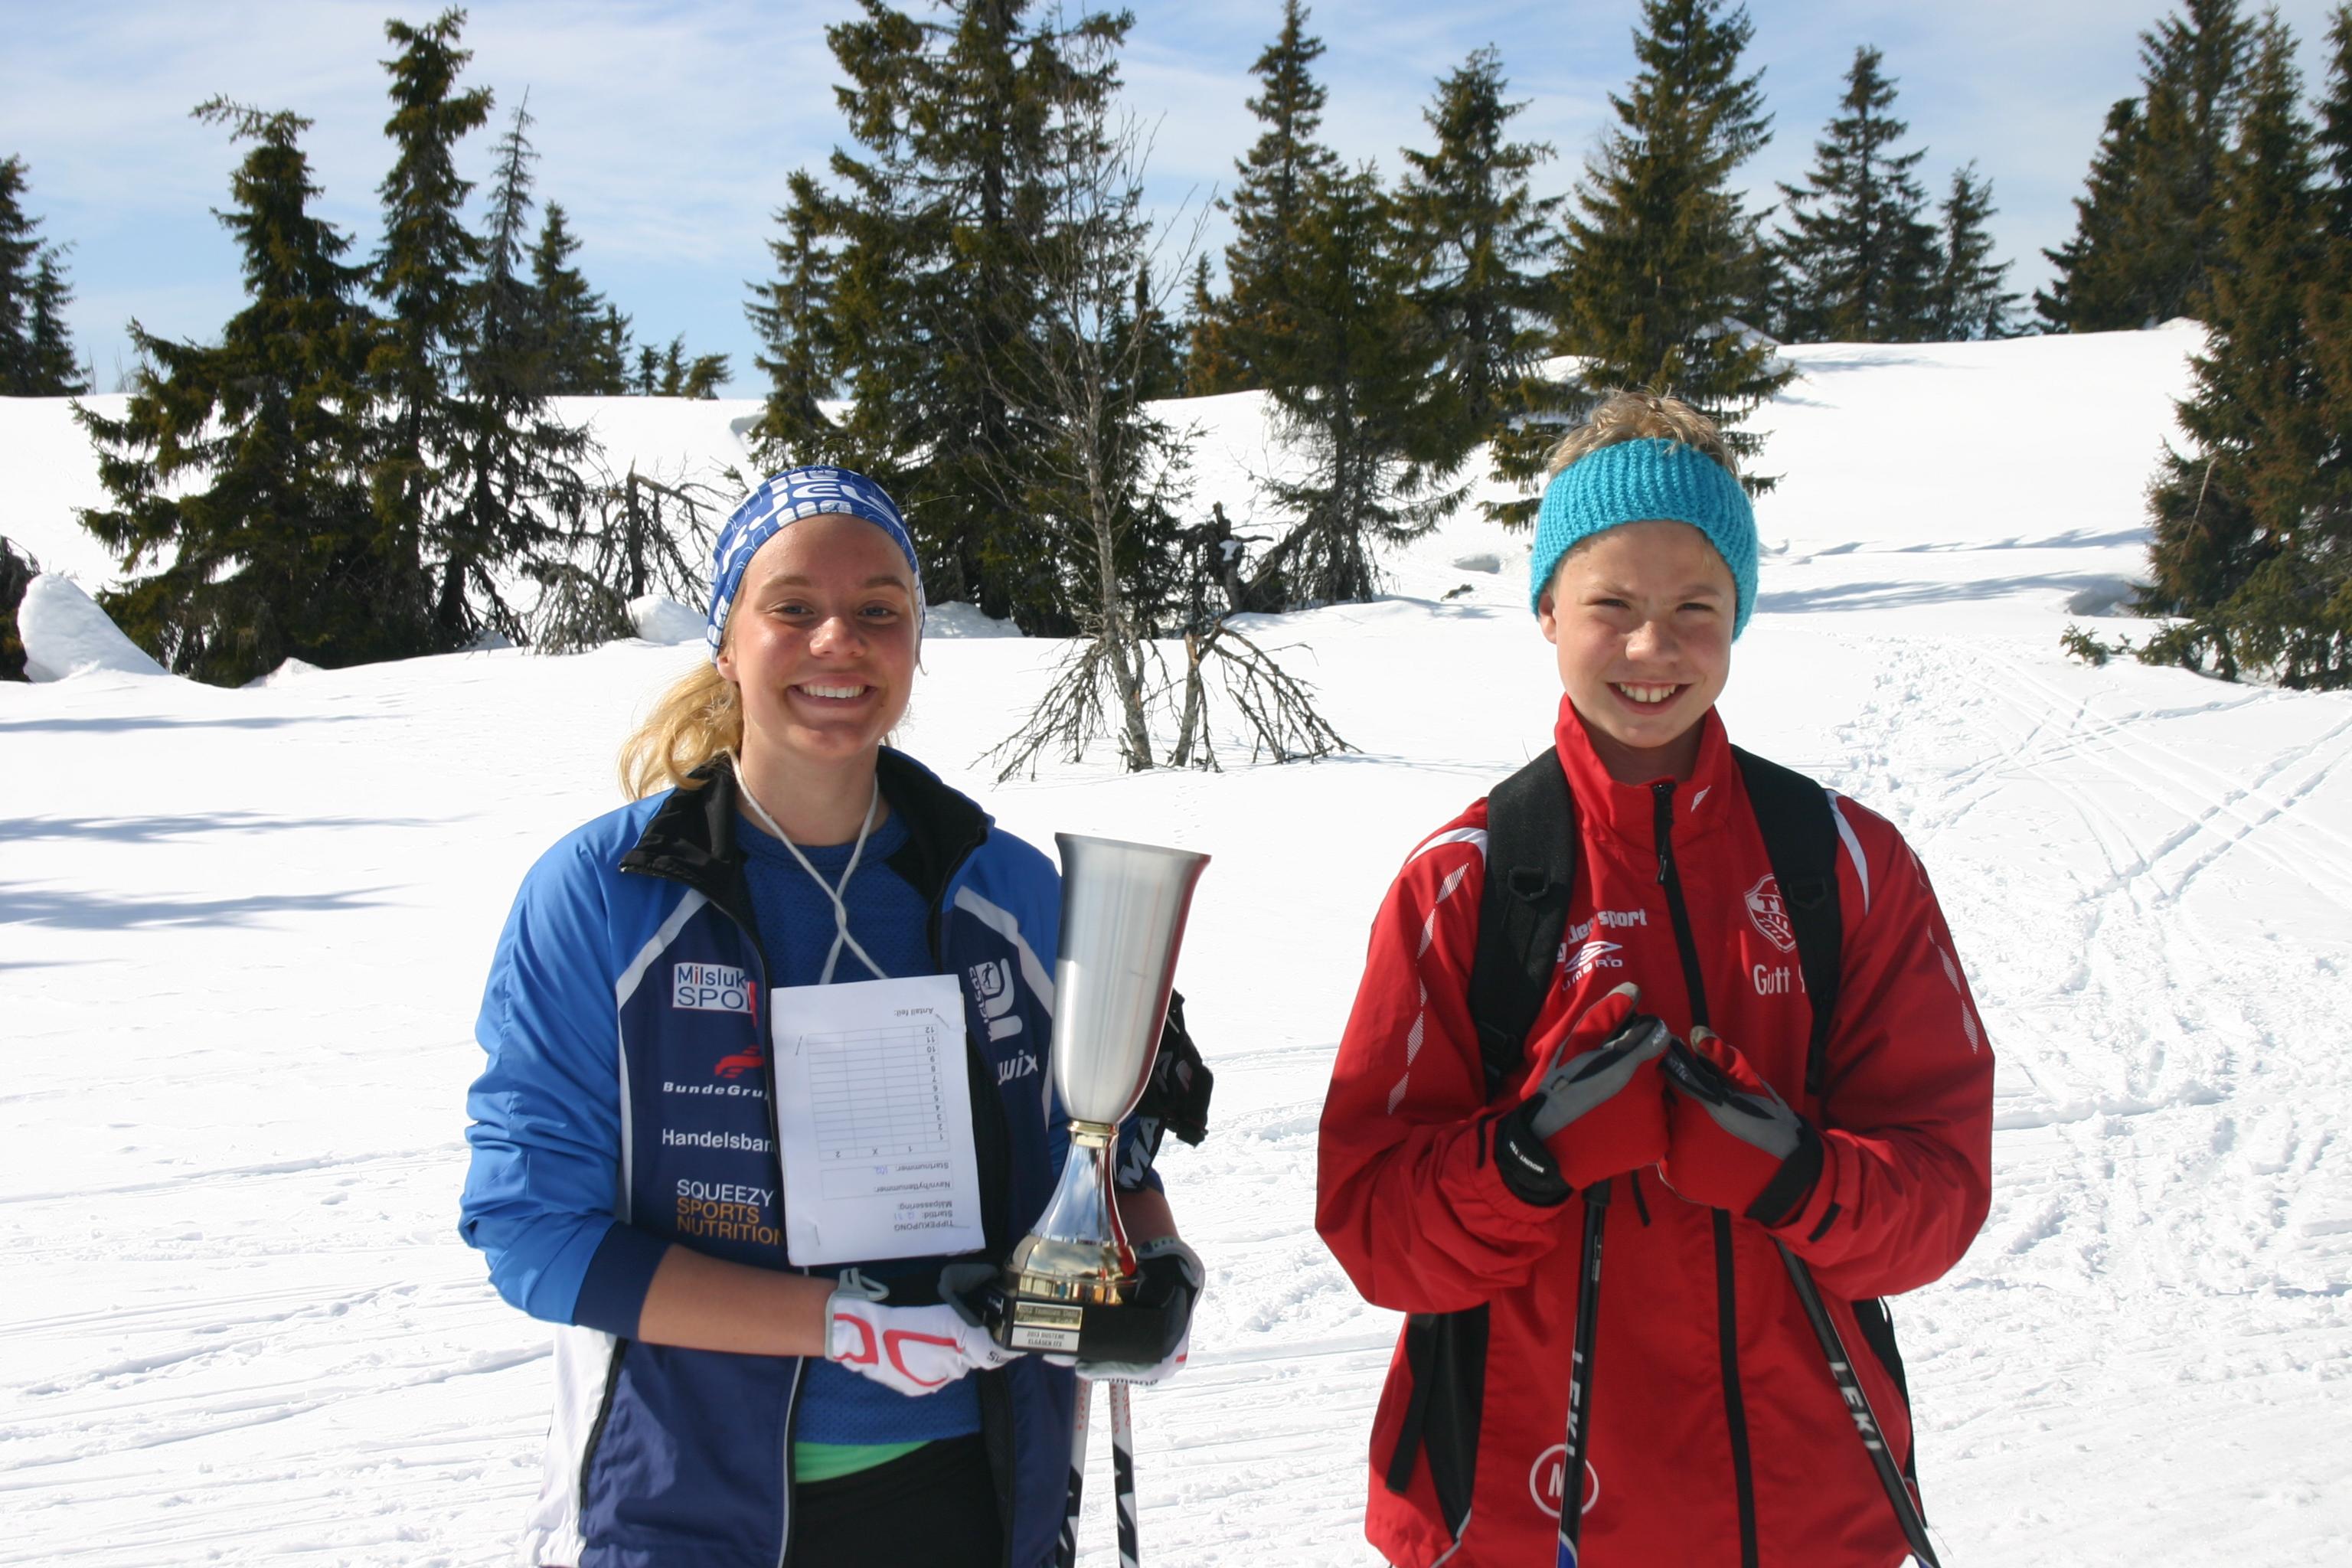 Fjorårets vinnere av påskeskirennet på Elgåasen. Foto: Mari Nymo Helli